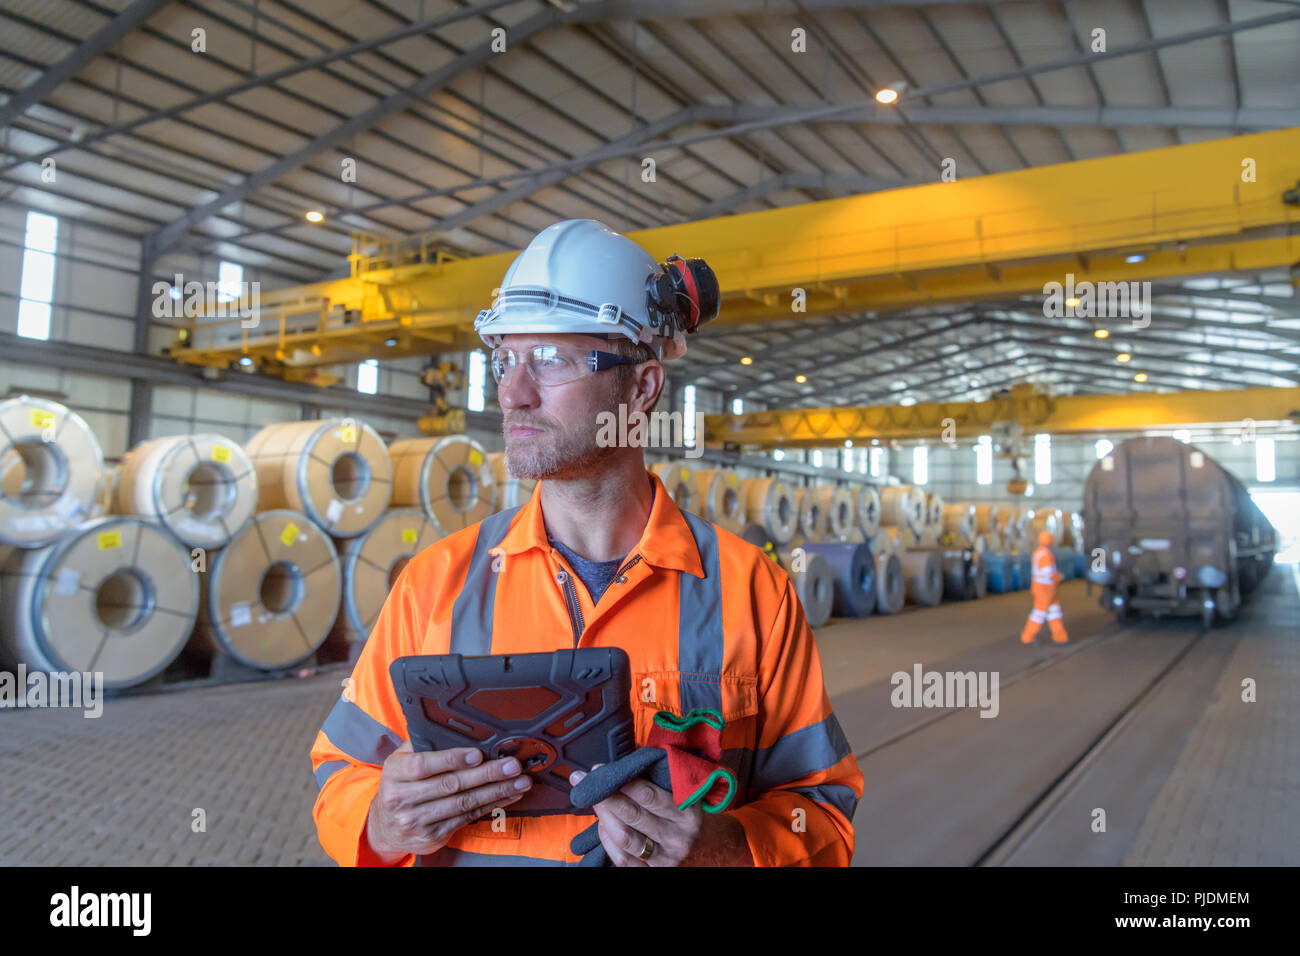 Lavoratore con tavoletta digitale da righe di foglio di acciaio in deposito a porto Immagini Stock